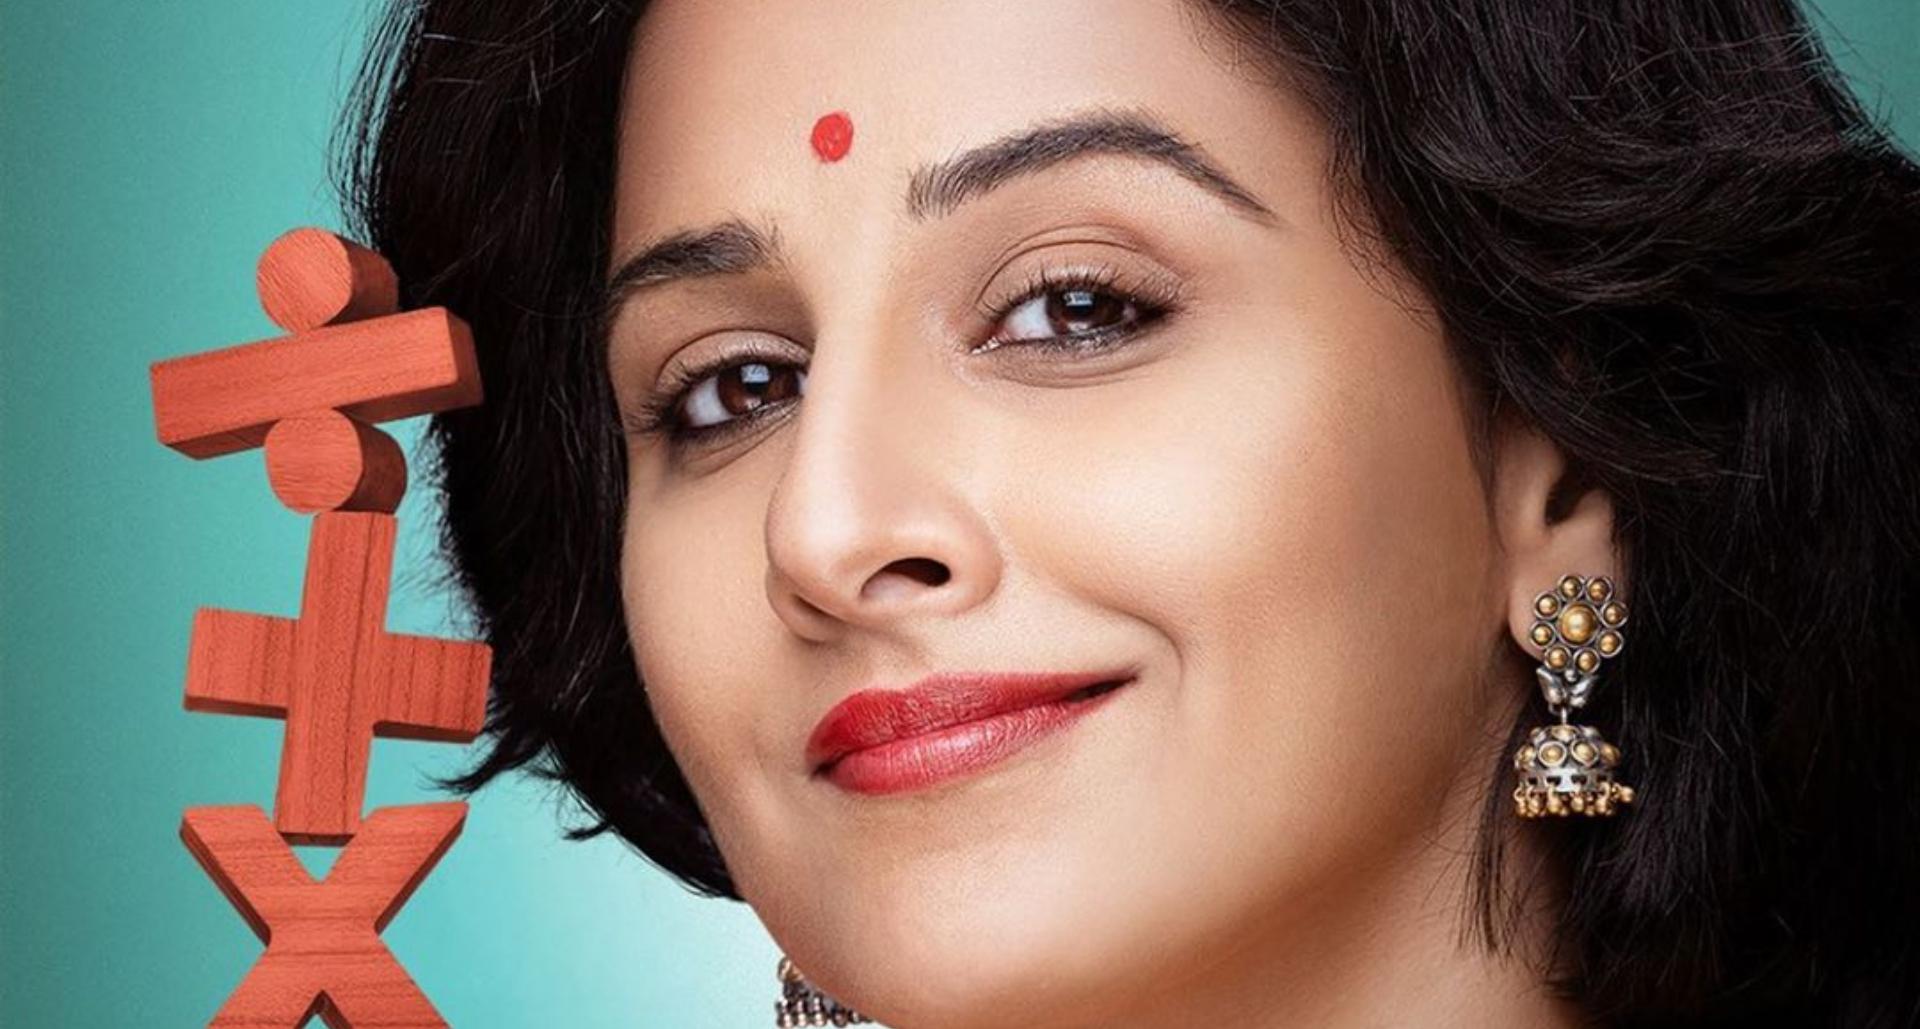 विद्या बालन की फ़िल्म 'शकुंतला देवी' का ट्रेलर इस दिन होगा रिलीज़!